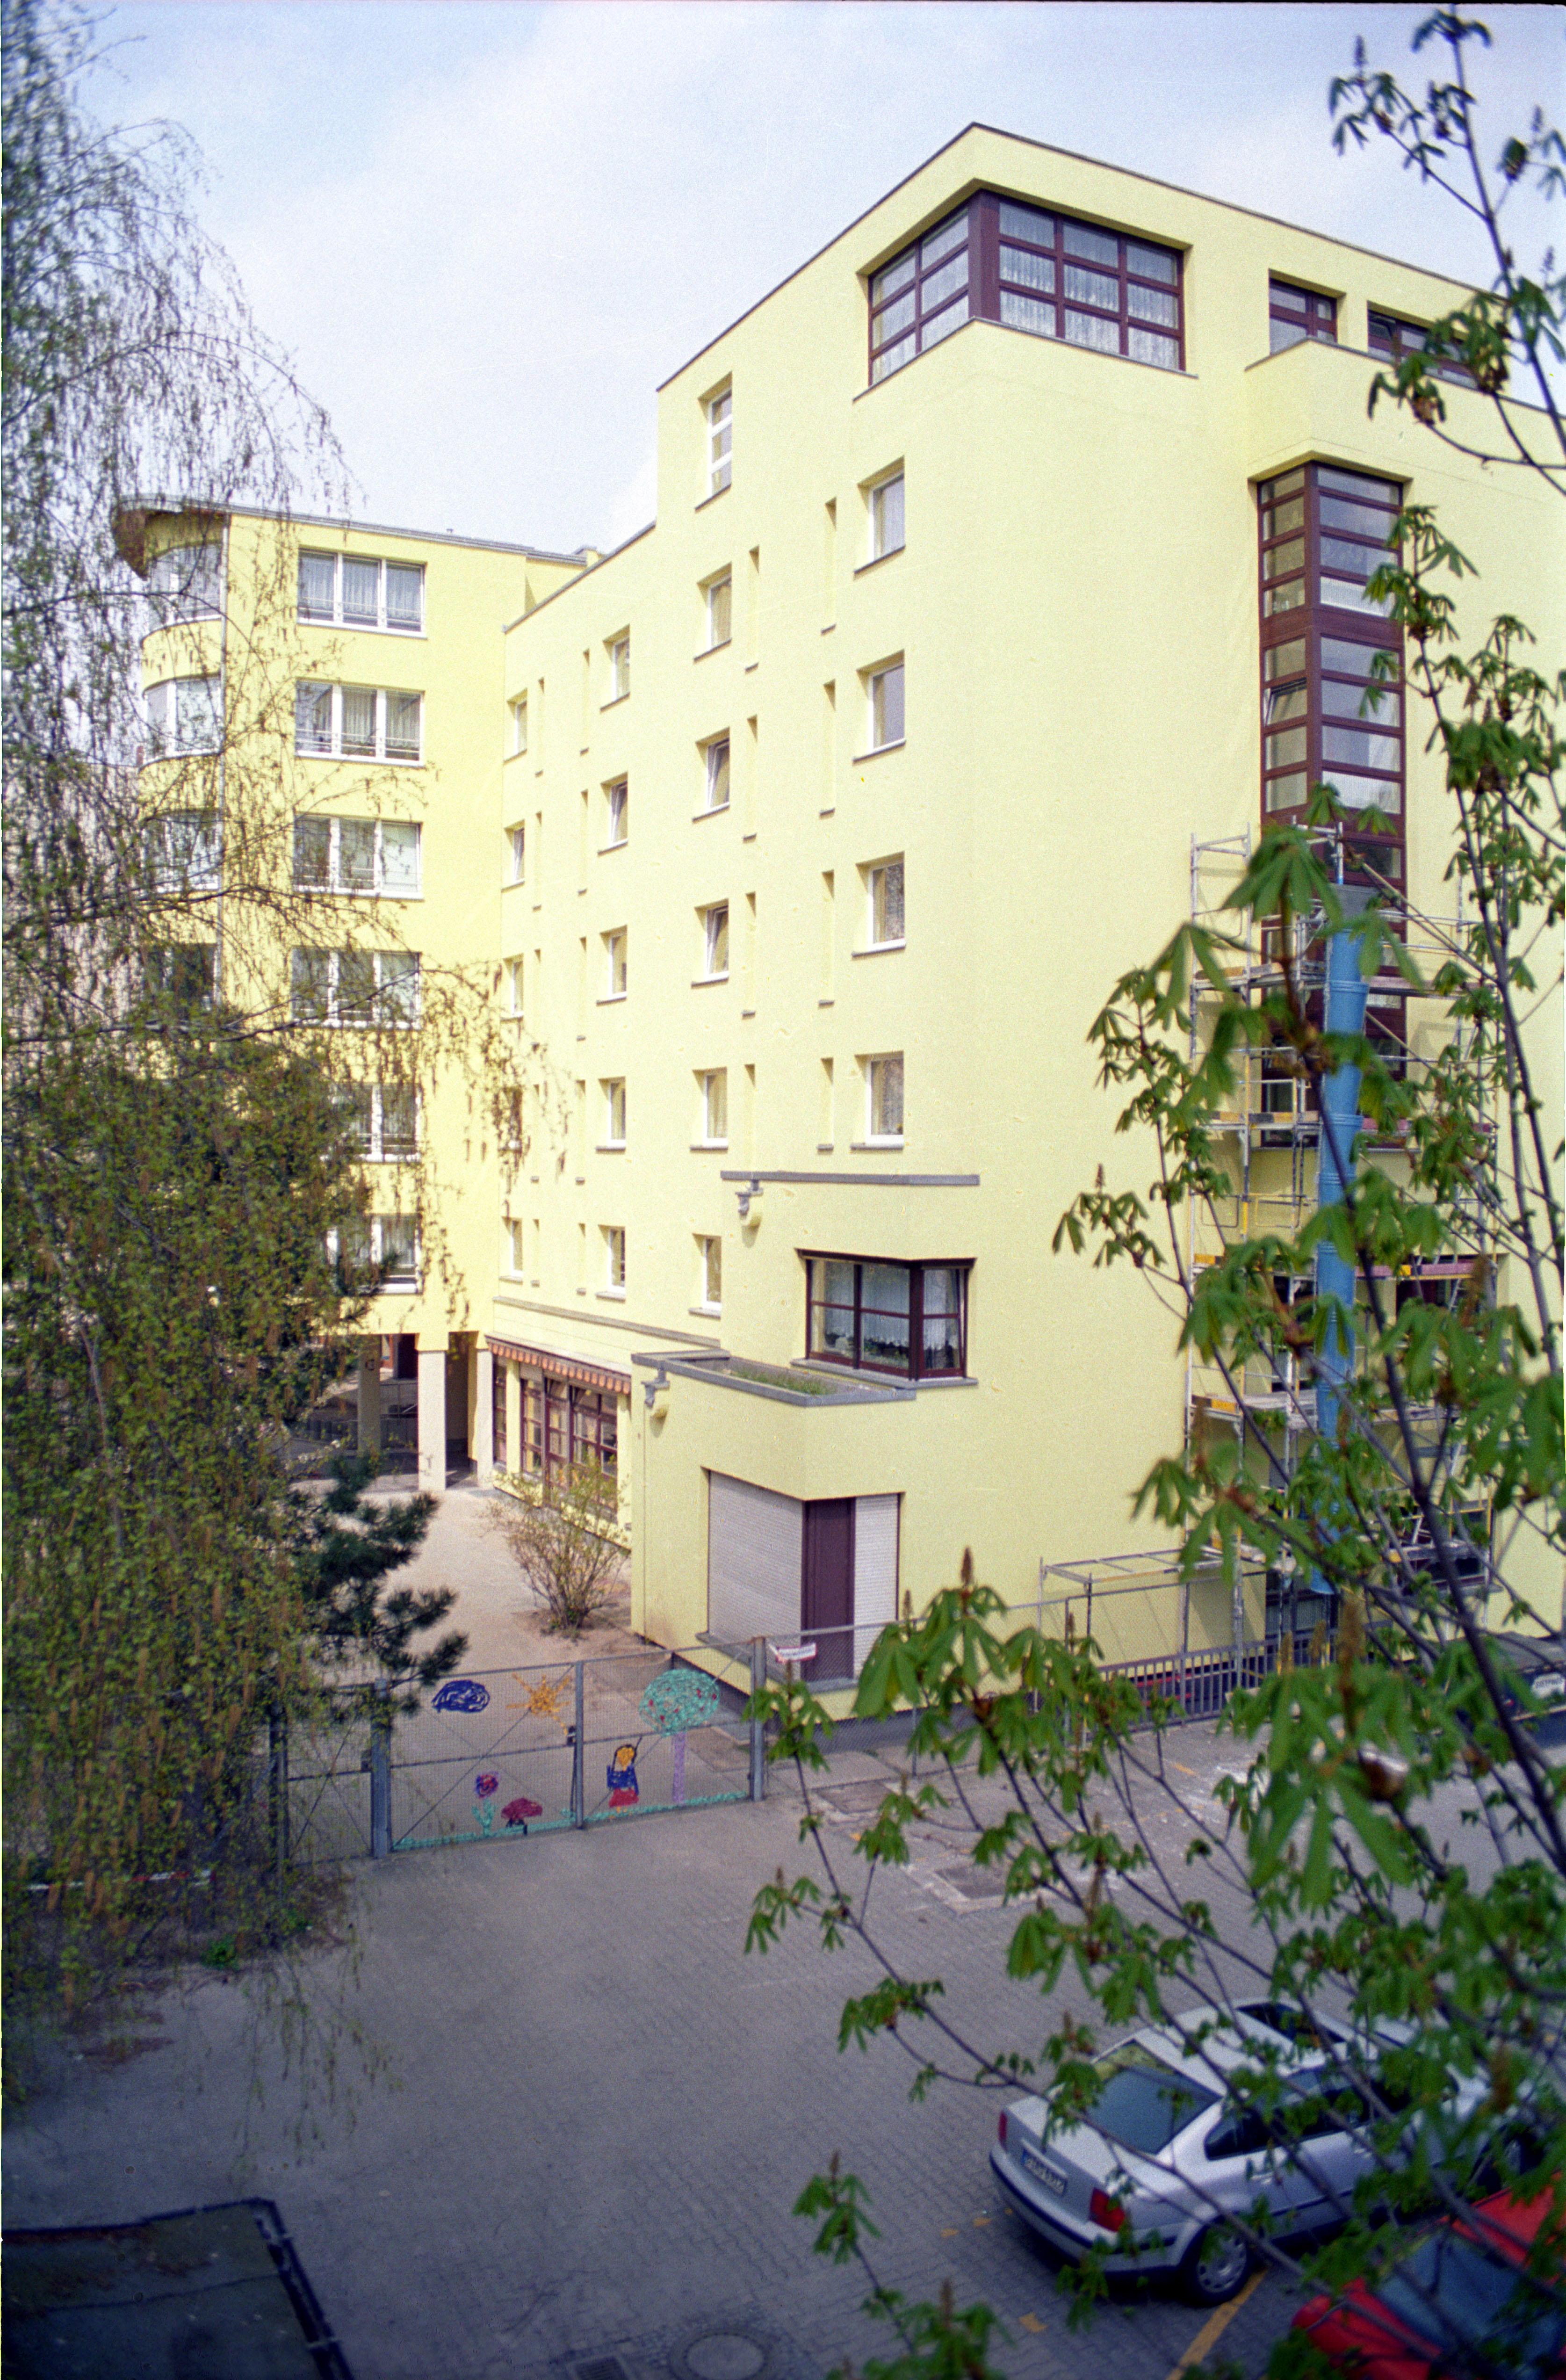 Seniorenheim St. Richard